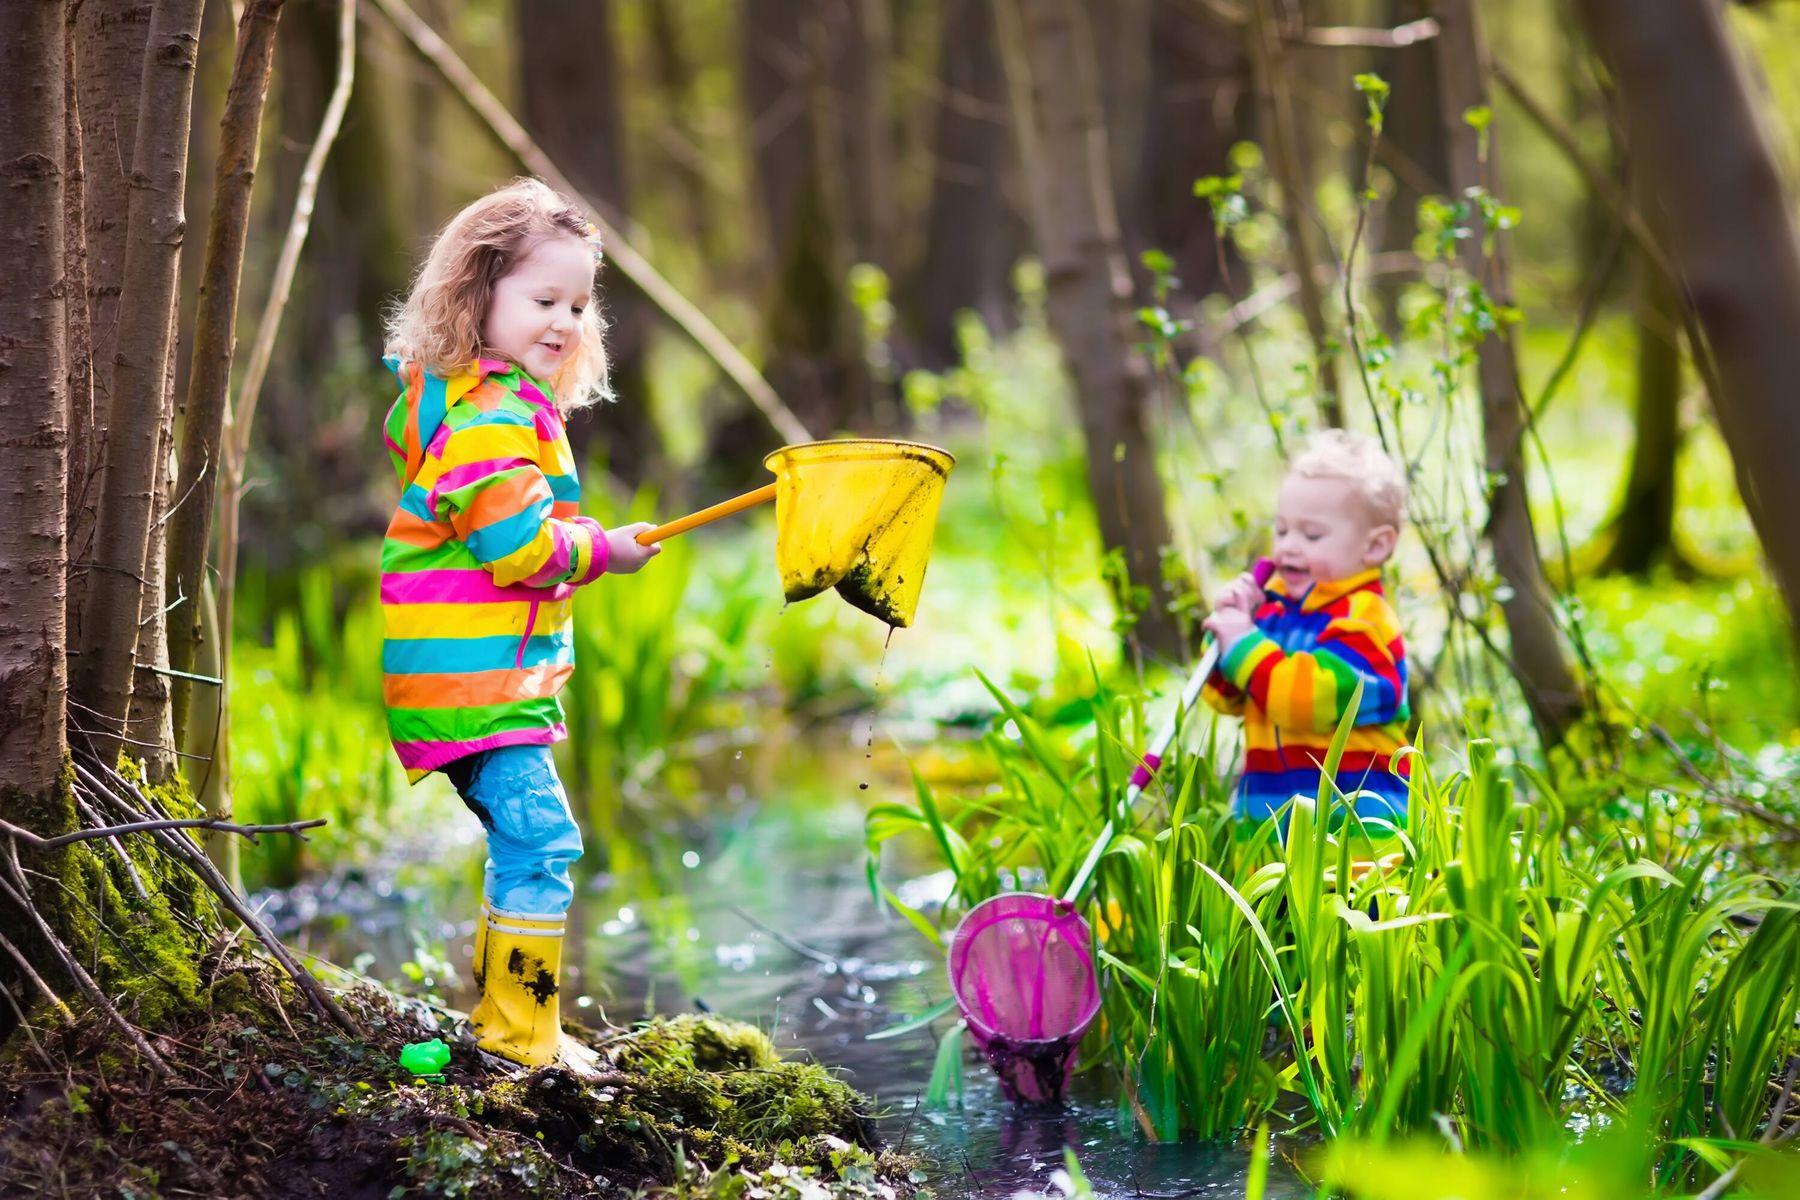 cần chú ý sức khỏe cho sự phát triển của trẻ